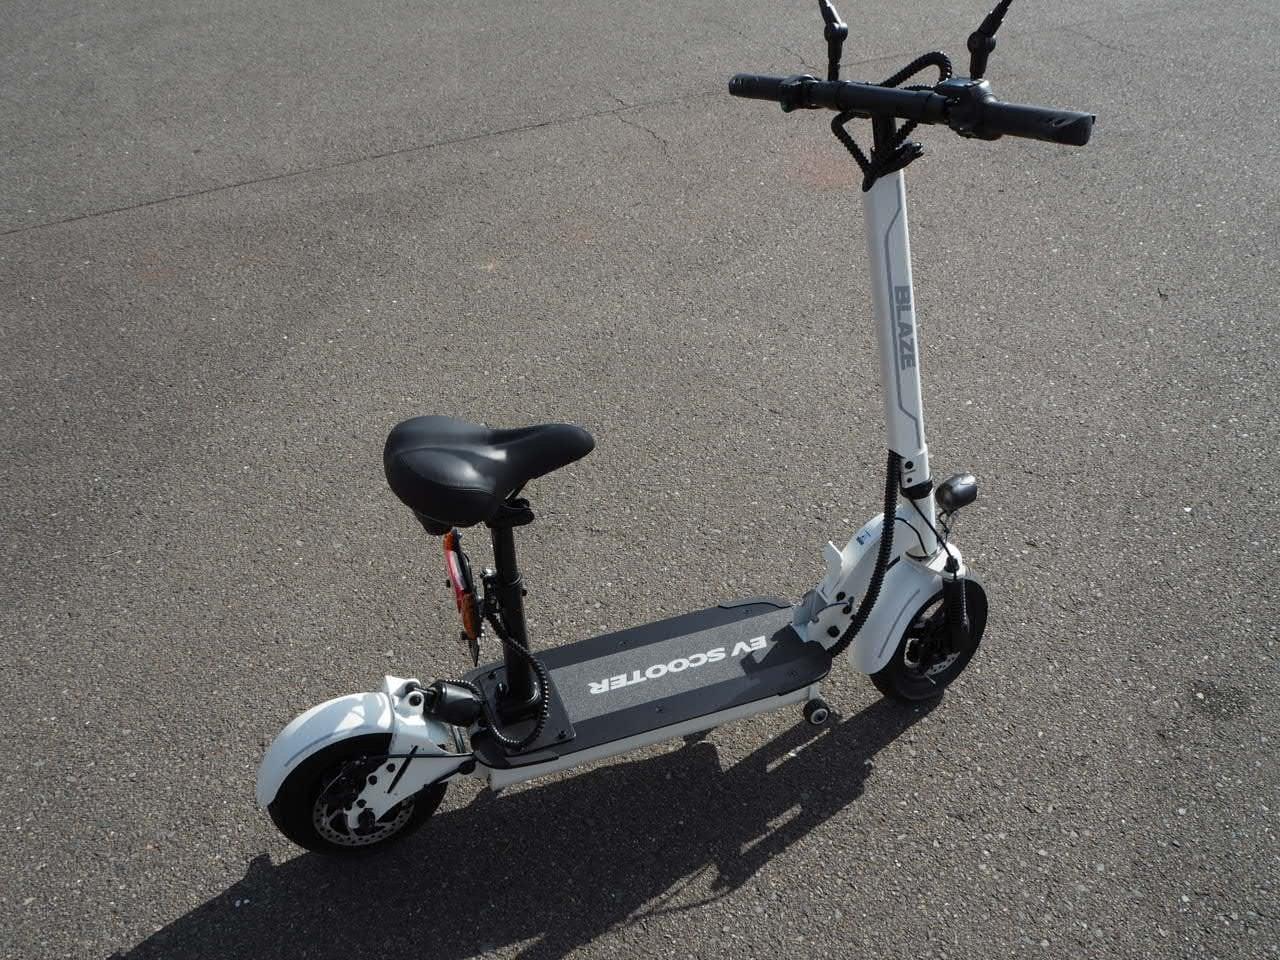 100%電気で動く折畳み可能な電動バイク ブレイズEVスクーター(ホワイト色)【現金払い・銀行振り込み専用チケット】のイメージその1